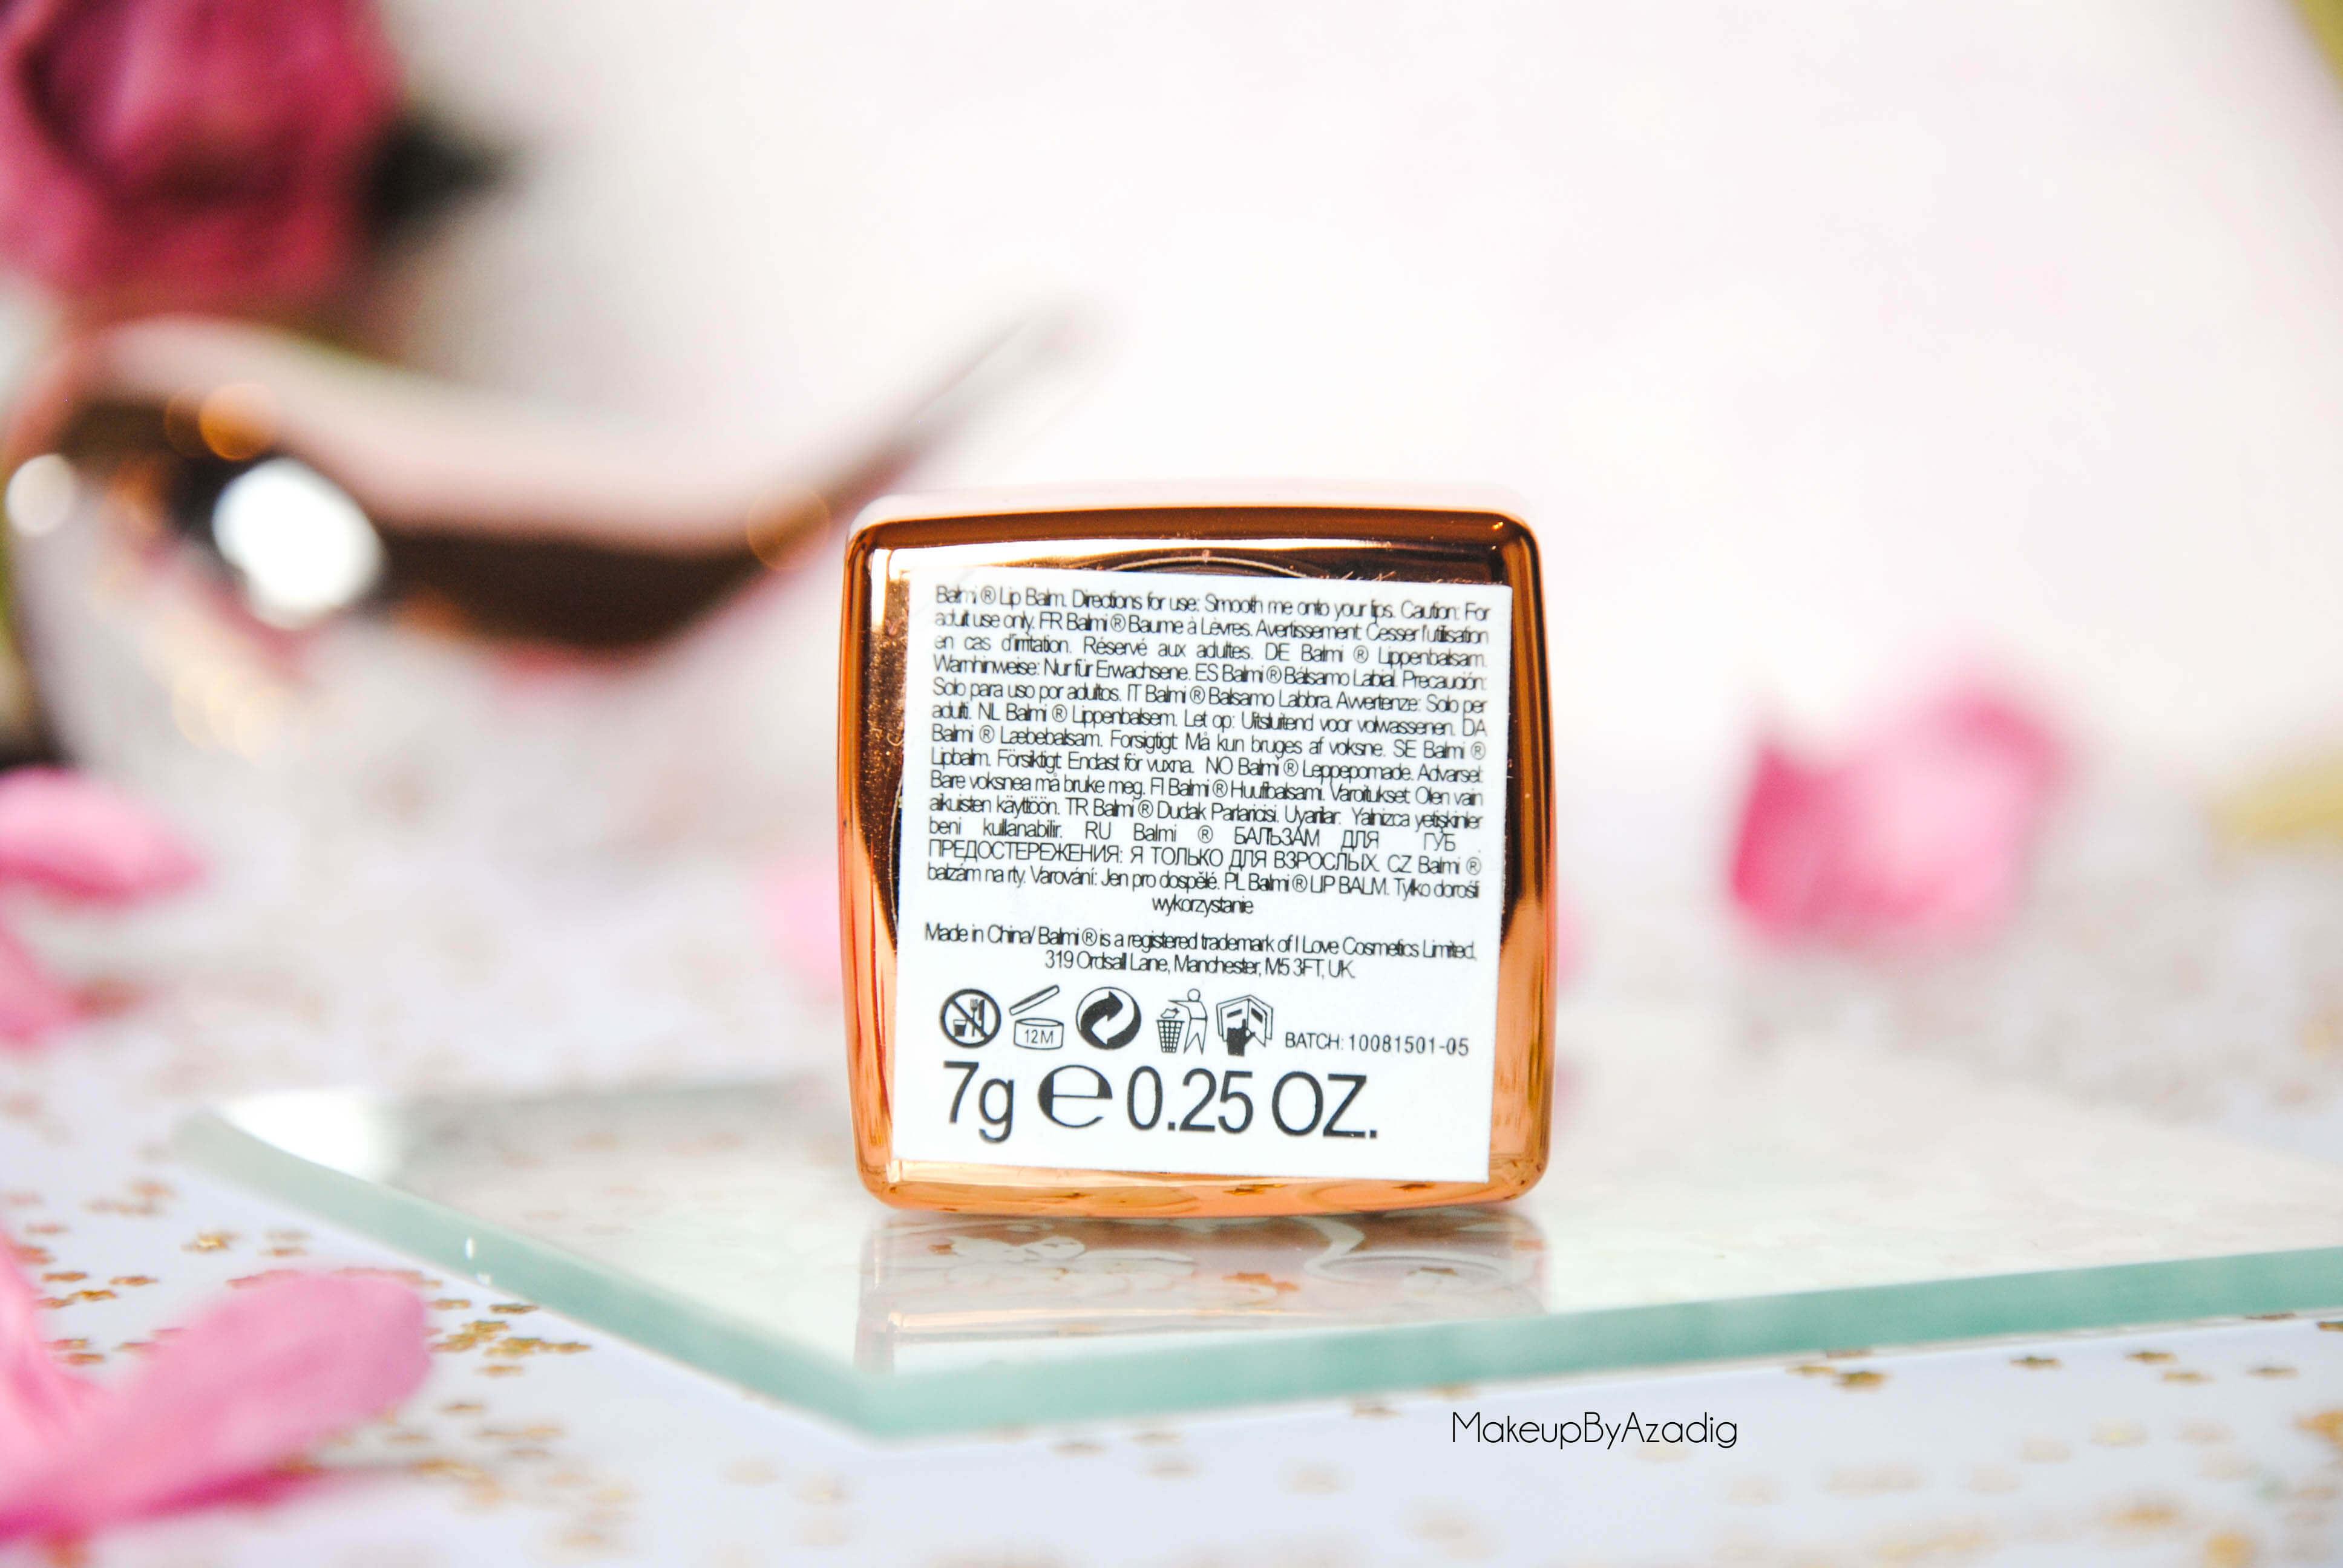 makeupbyazadig-baume-levres-balmi-roseberry-menthe-coco-fraise-beaute-privee-revue-review-troyes-dijon-description